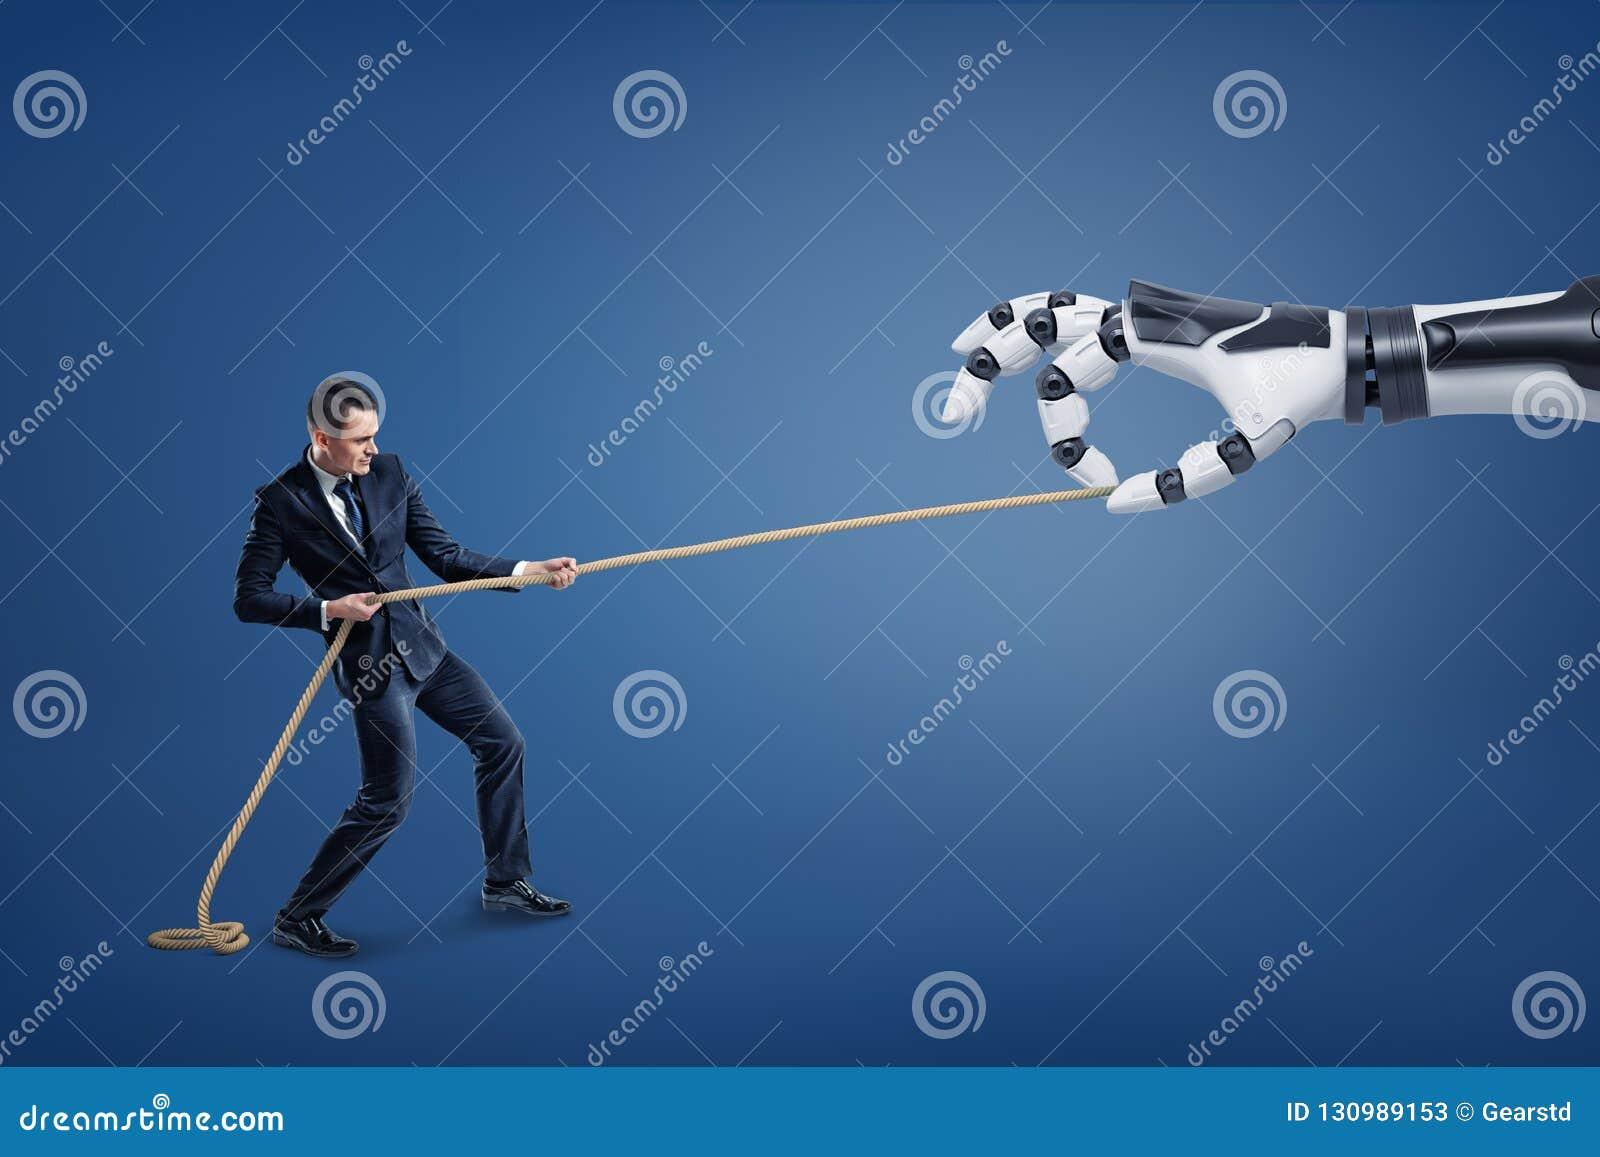 Ein Kleinunternehmer zerrt ein langes Seil, das mit einer riesigen Roboterhand konkurriert